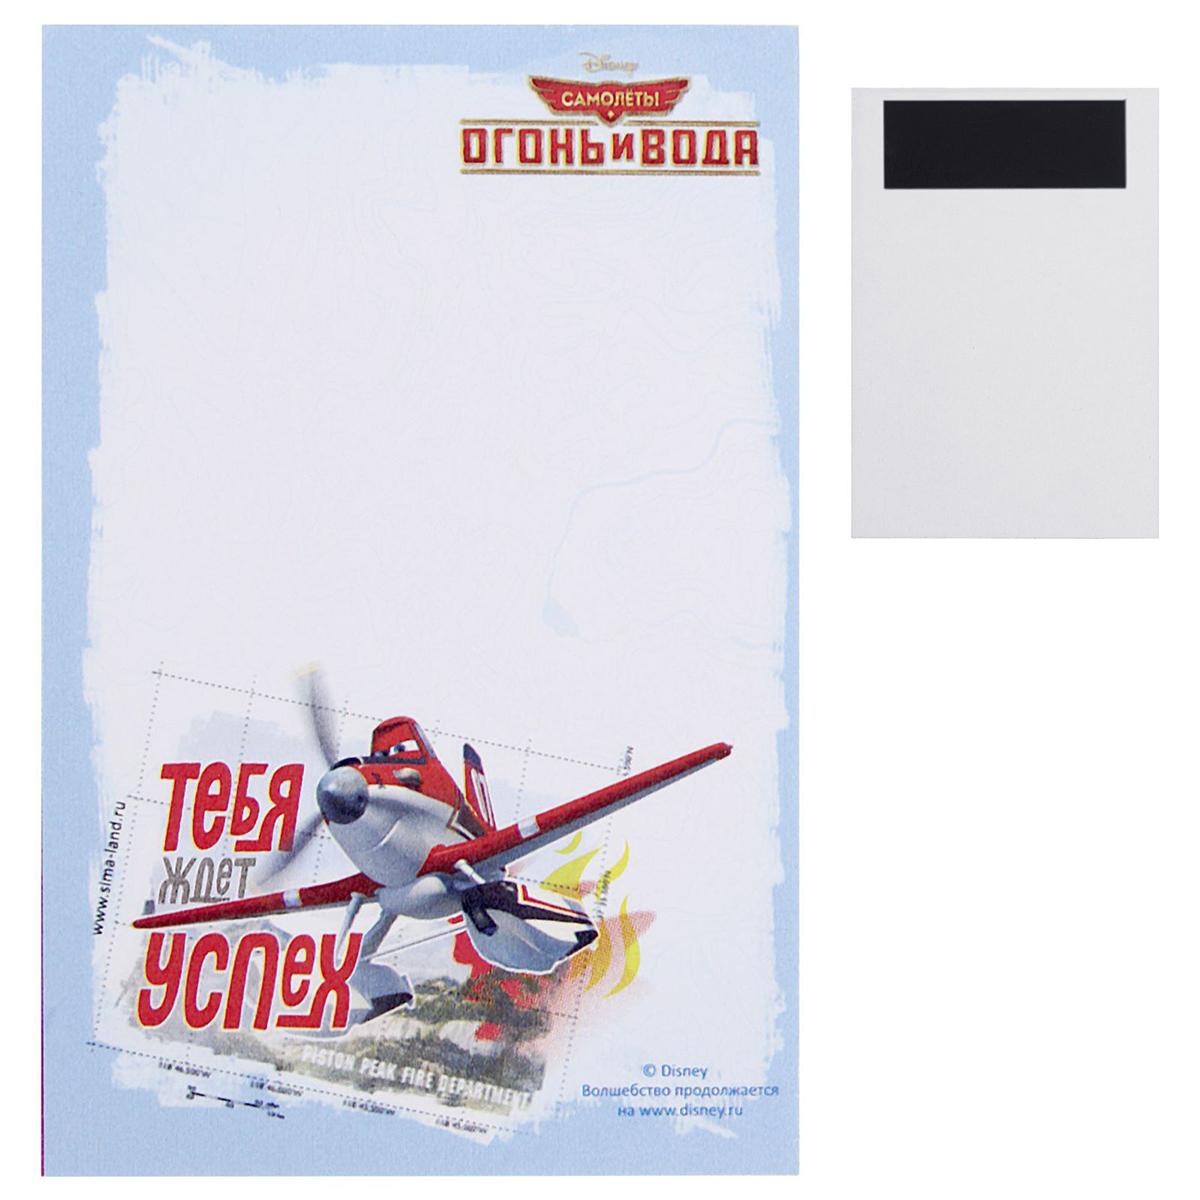 Disney Блок для записей Тебя ждет успех 6,5 x 9,5 см 40 листов1128261Маленькие сорванцы любят самолеты. Еще сильнее они любят только мультфильмы про них.Блок для записей с магнитом Тебя ждет успех можно повесить на холодильник и писать налисточках с изображением любимых персонажей Disney важные заметки или милые пожеланиясвоим близким. Канцтовары должны приносить пользу и радовать глаз. Блок для записей успешно справится сэтими задачами.